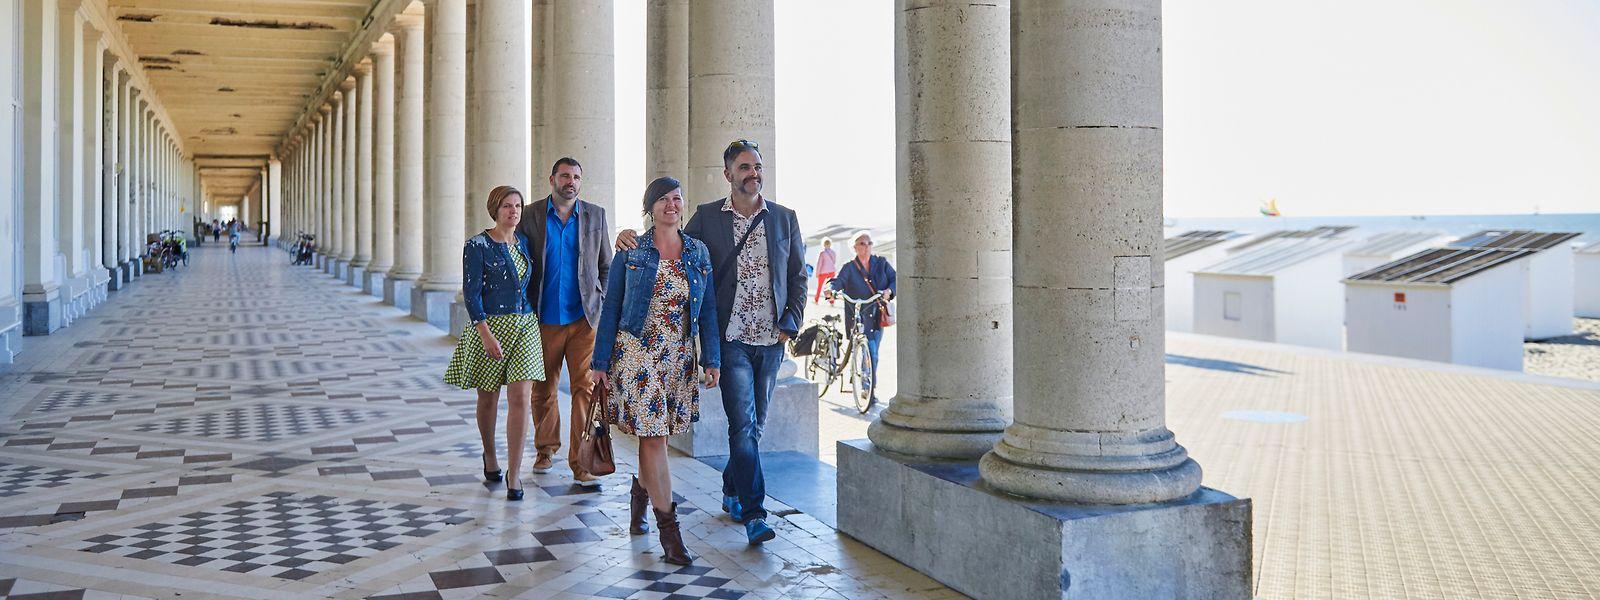 La côte belge va attirer de nombreux touristes dans les heures à venir. Sans doute trop même...